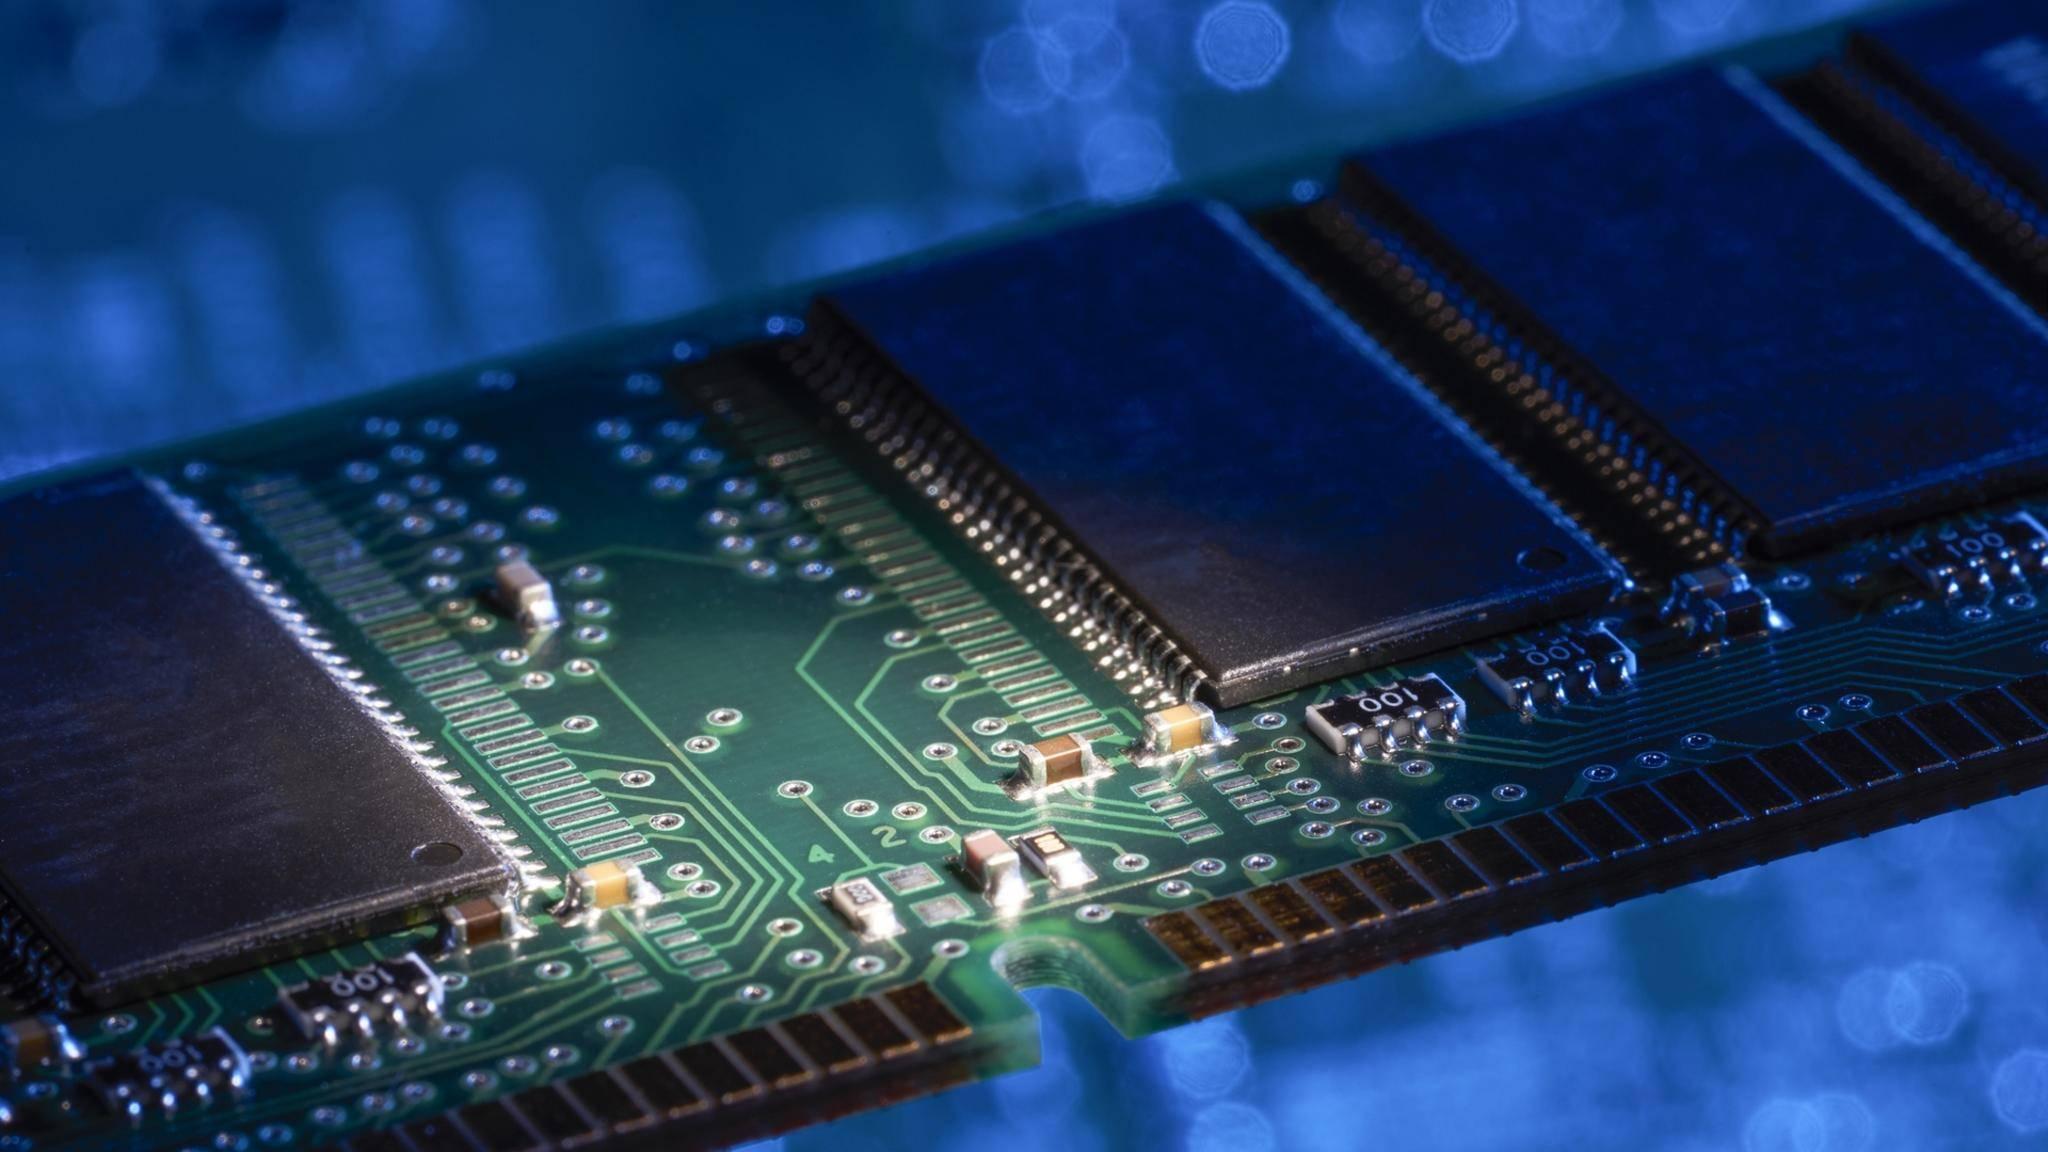 Der Unterschied zwischen DDR3- und DDR4-RAM ist nicht offensichtlich.